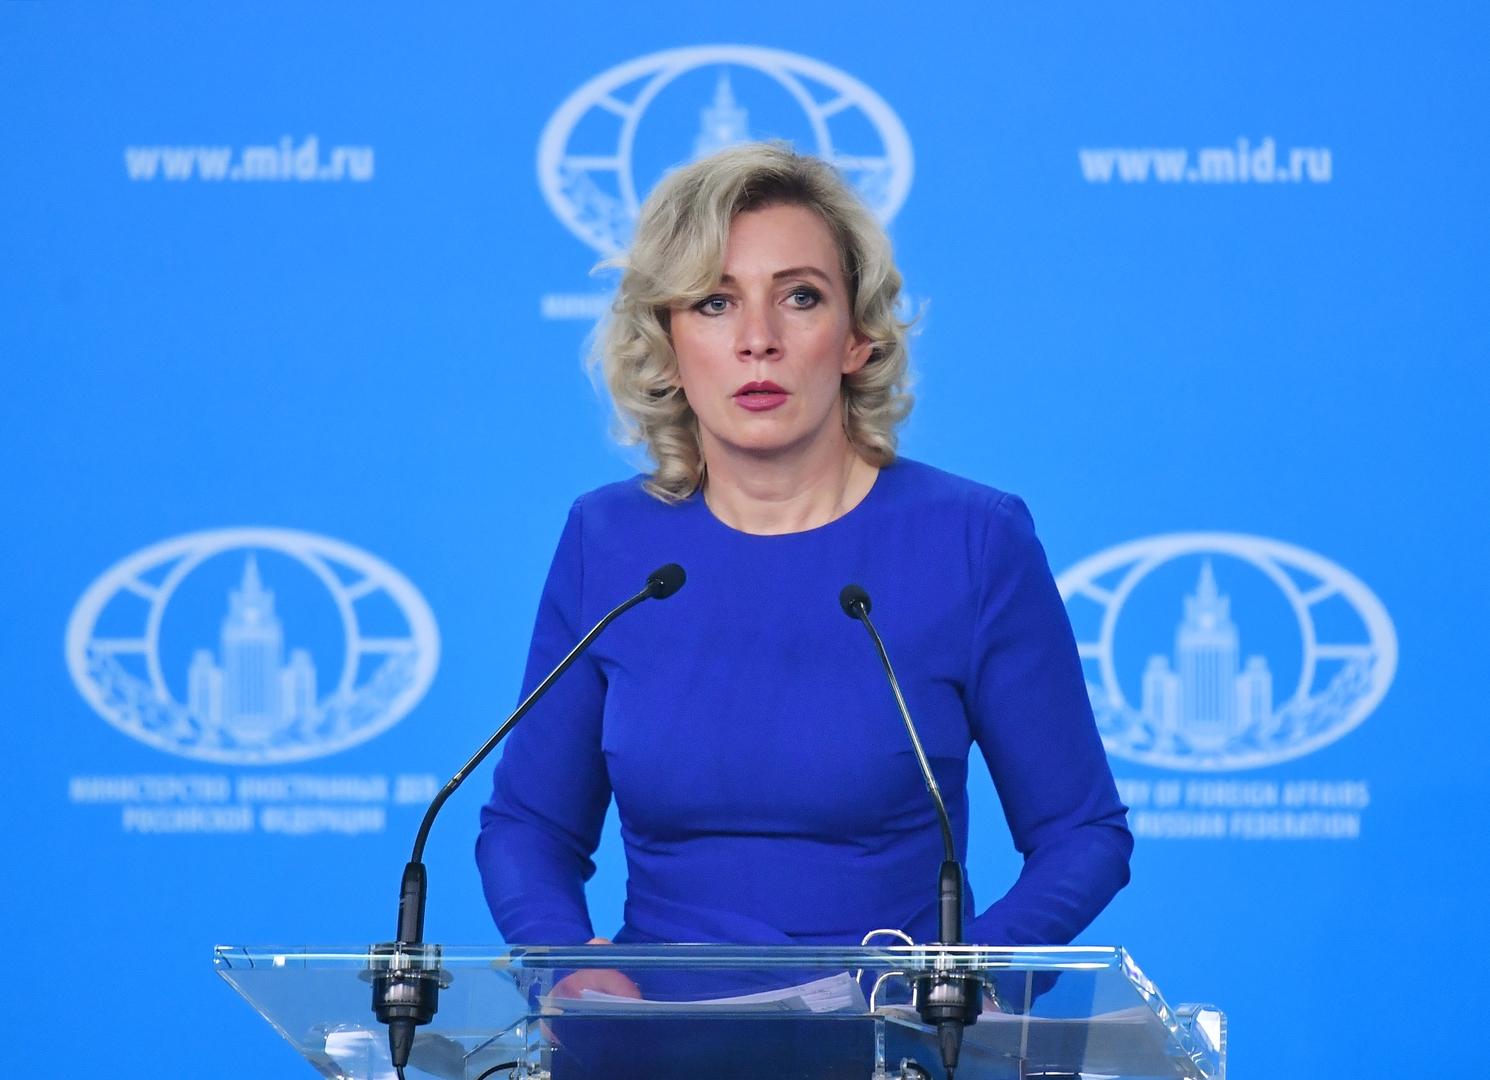 موسكو: تقرير منظمة الحظر الكيميائي حول سوريا يخالف القانون الدولي